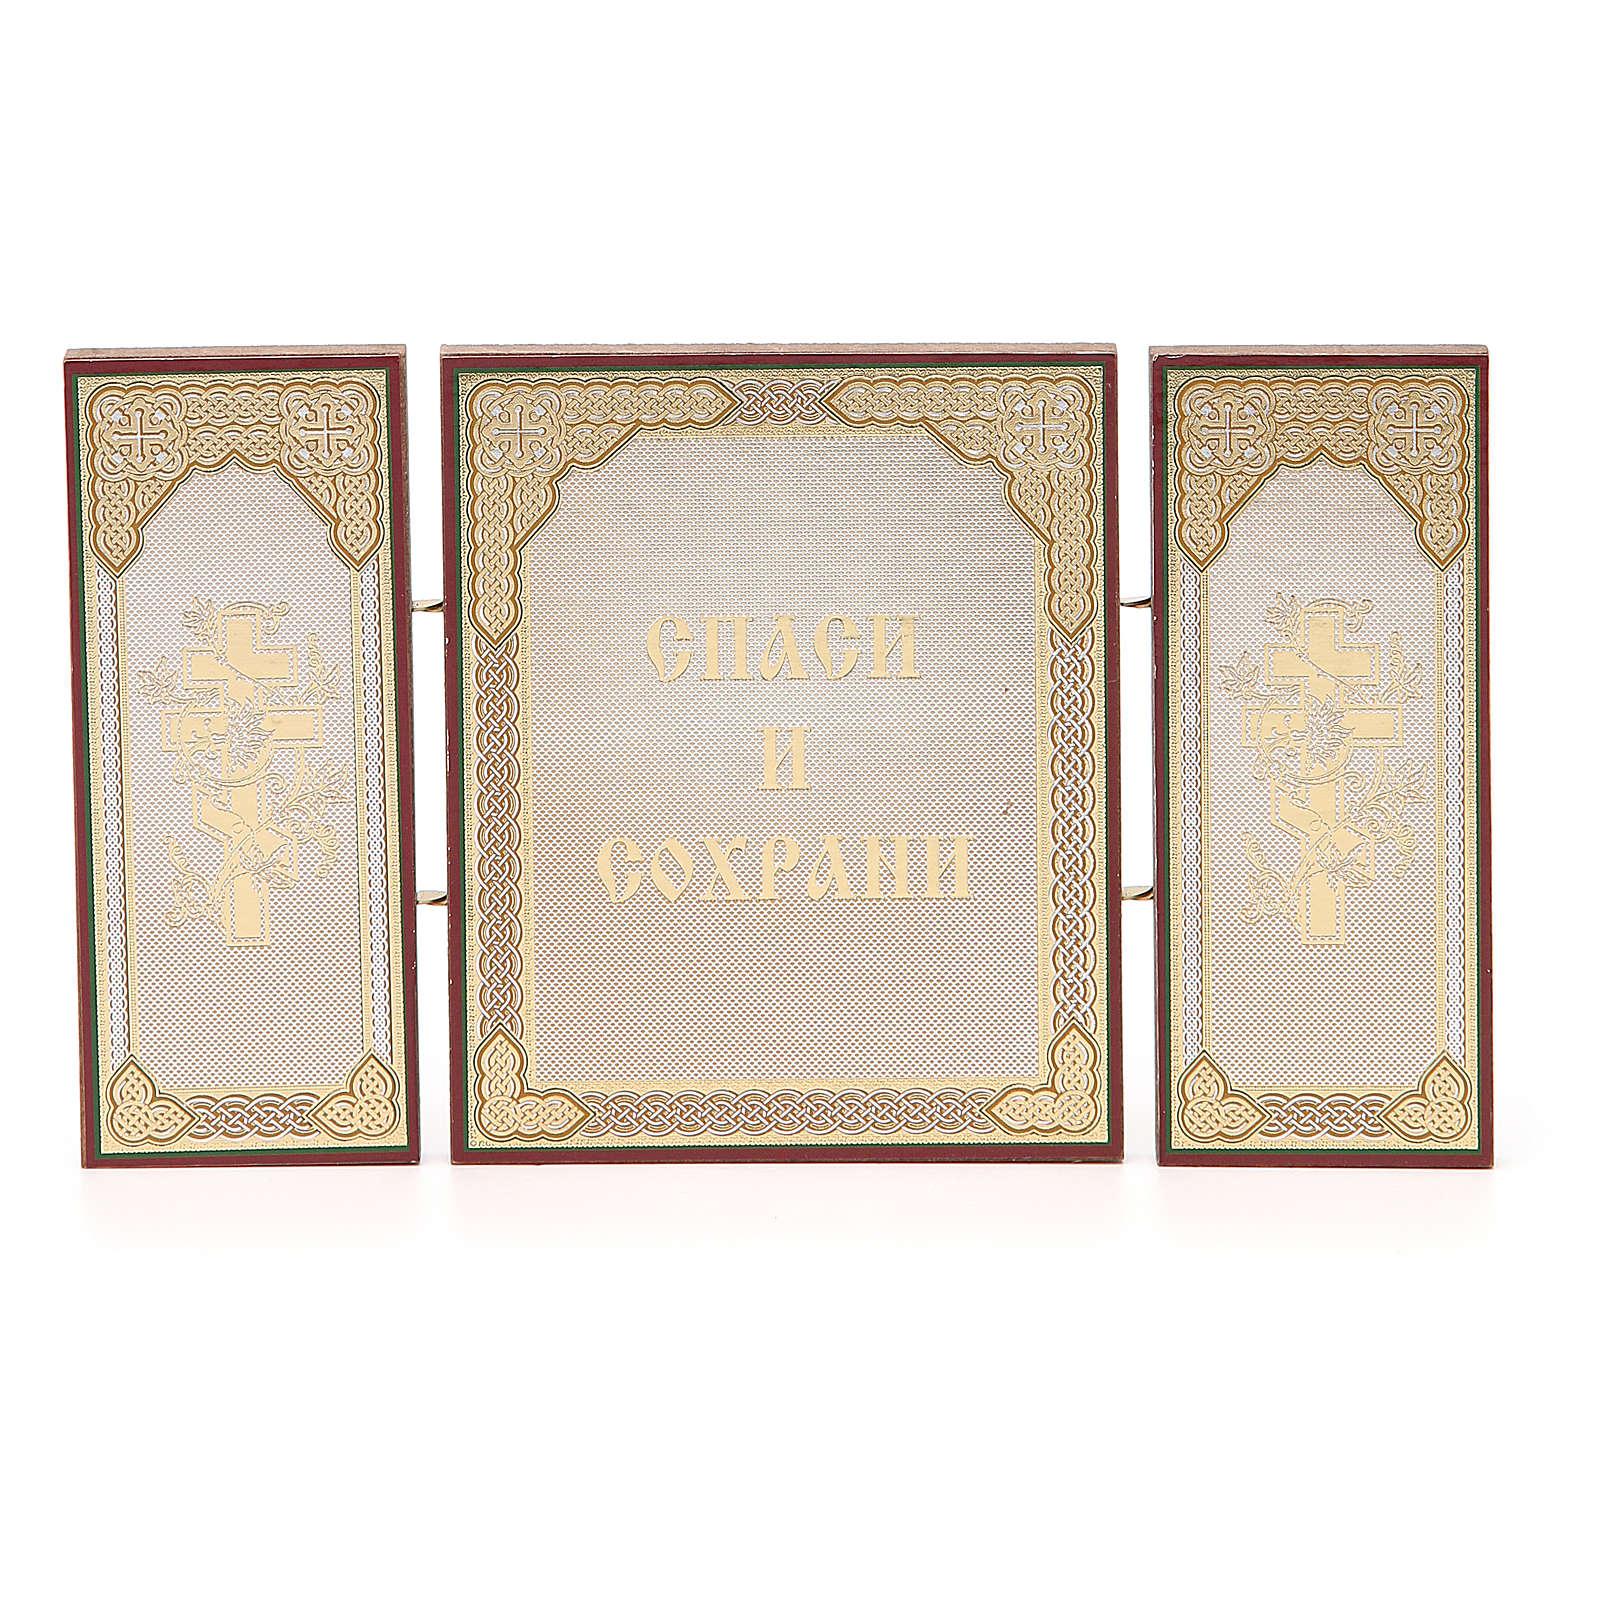 Triptych Russia wood Zhirovitskaya 21x12cm 3